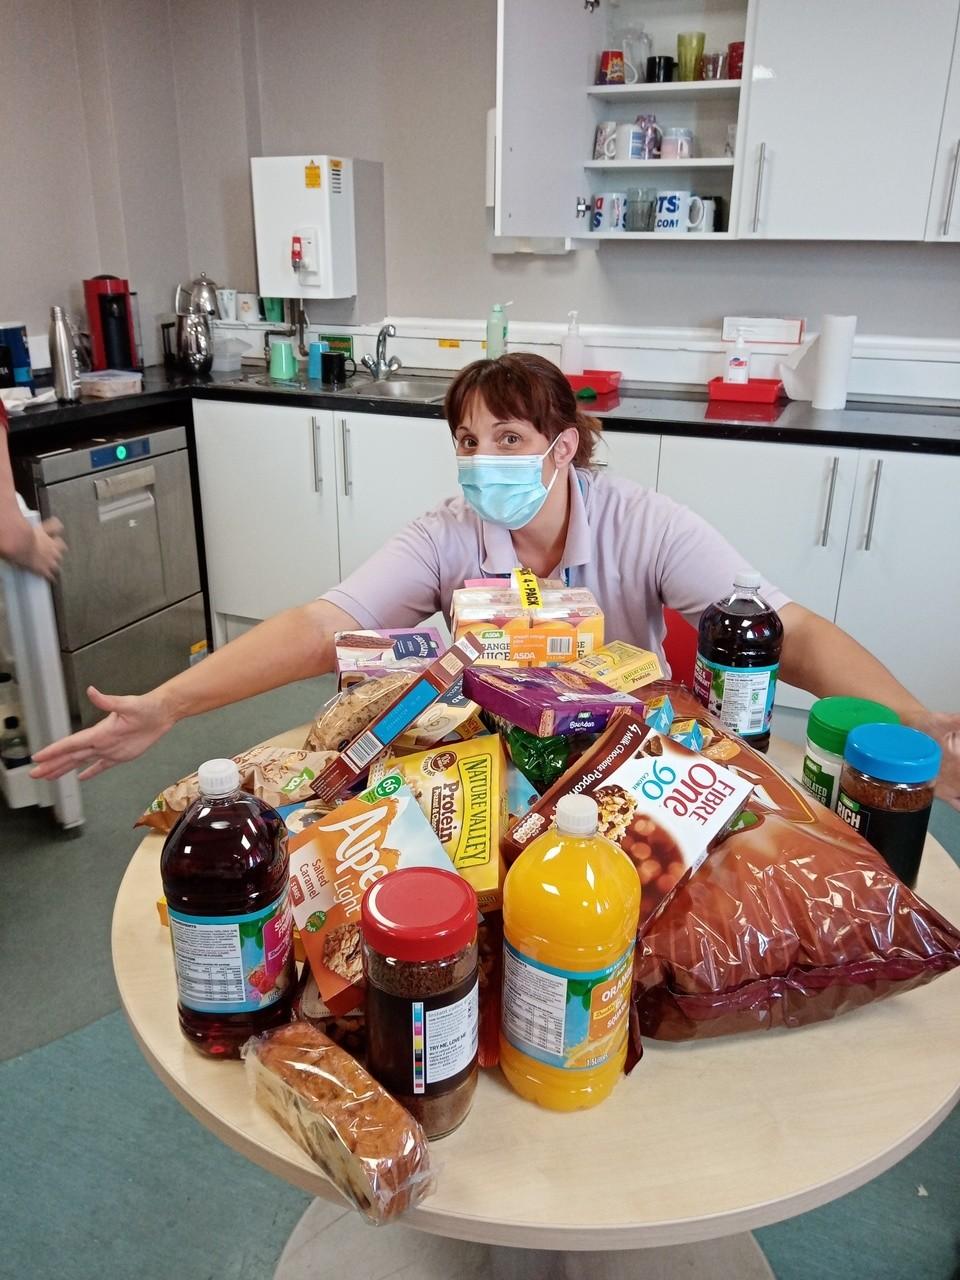 Ward 75 Bristol Royal Infirmary donation. | Asda Bedminster